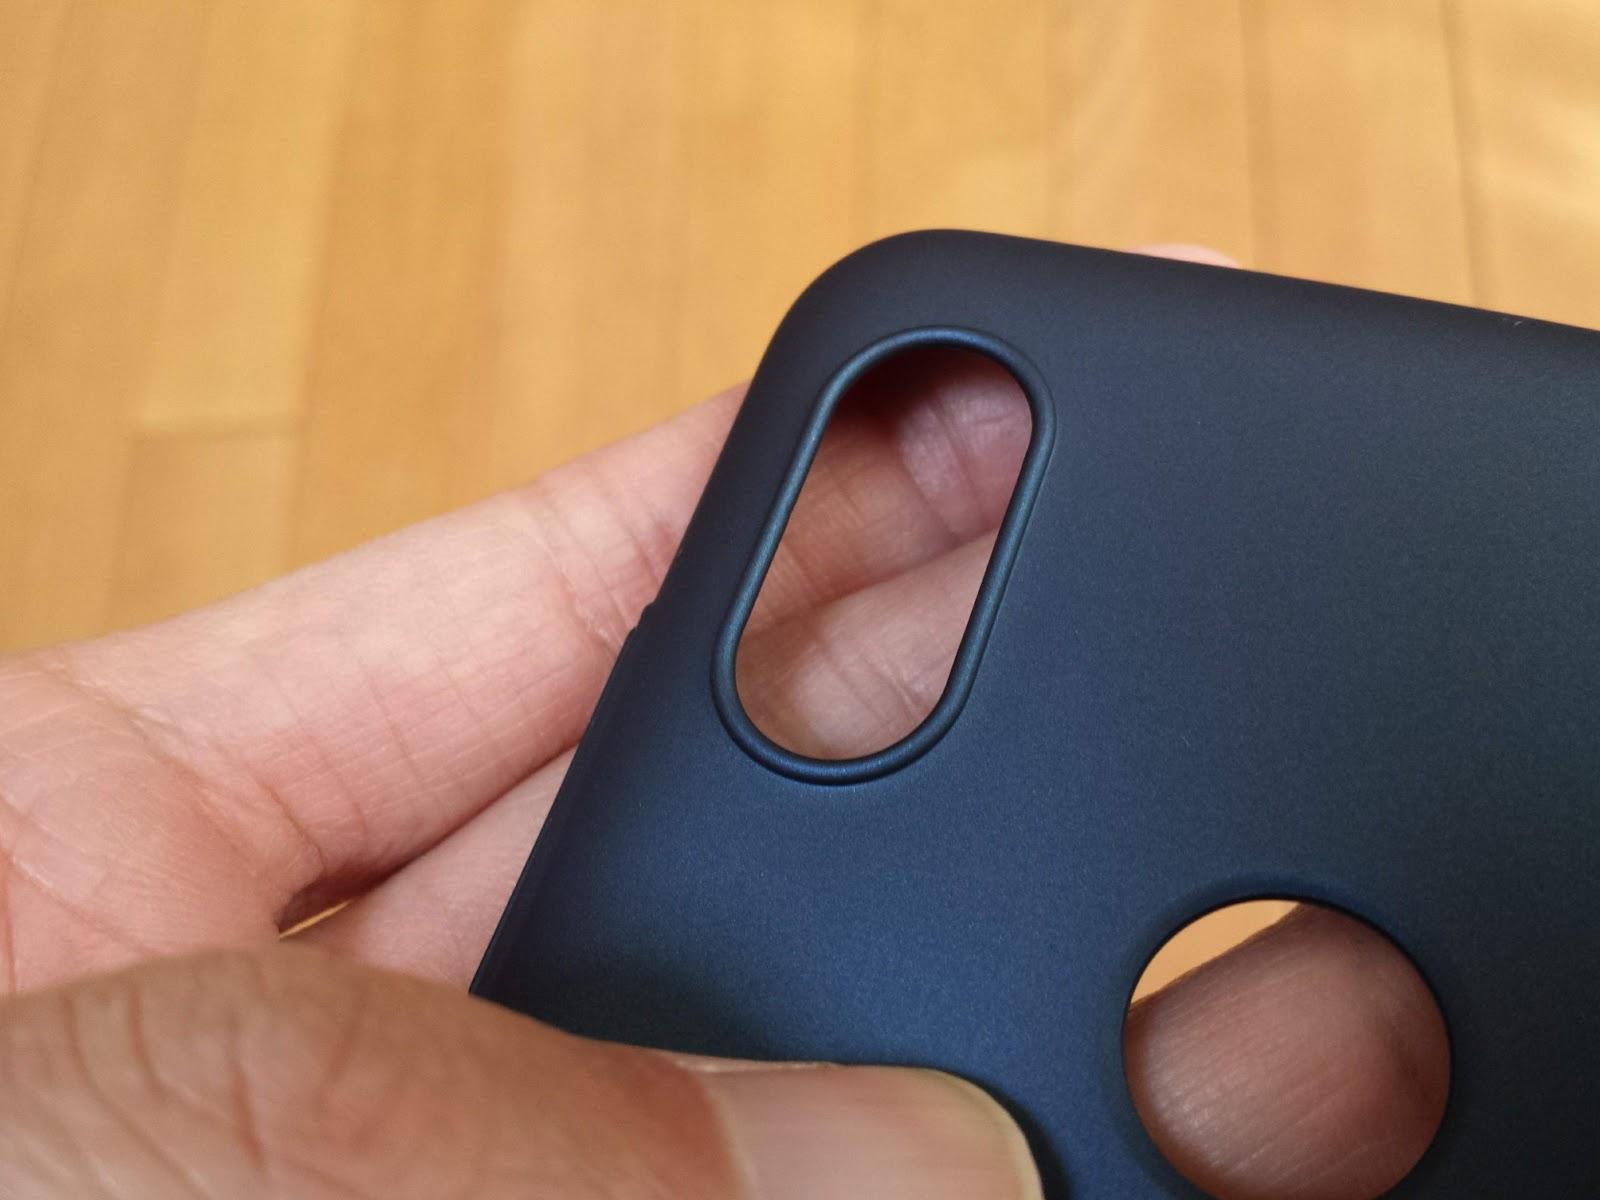 レンズが保護されているケースを購入